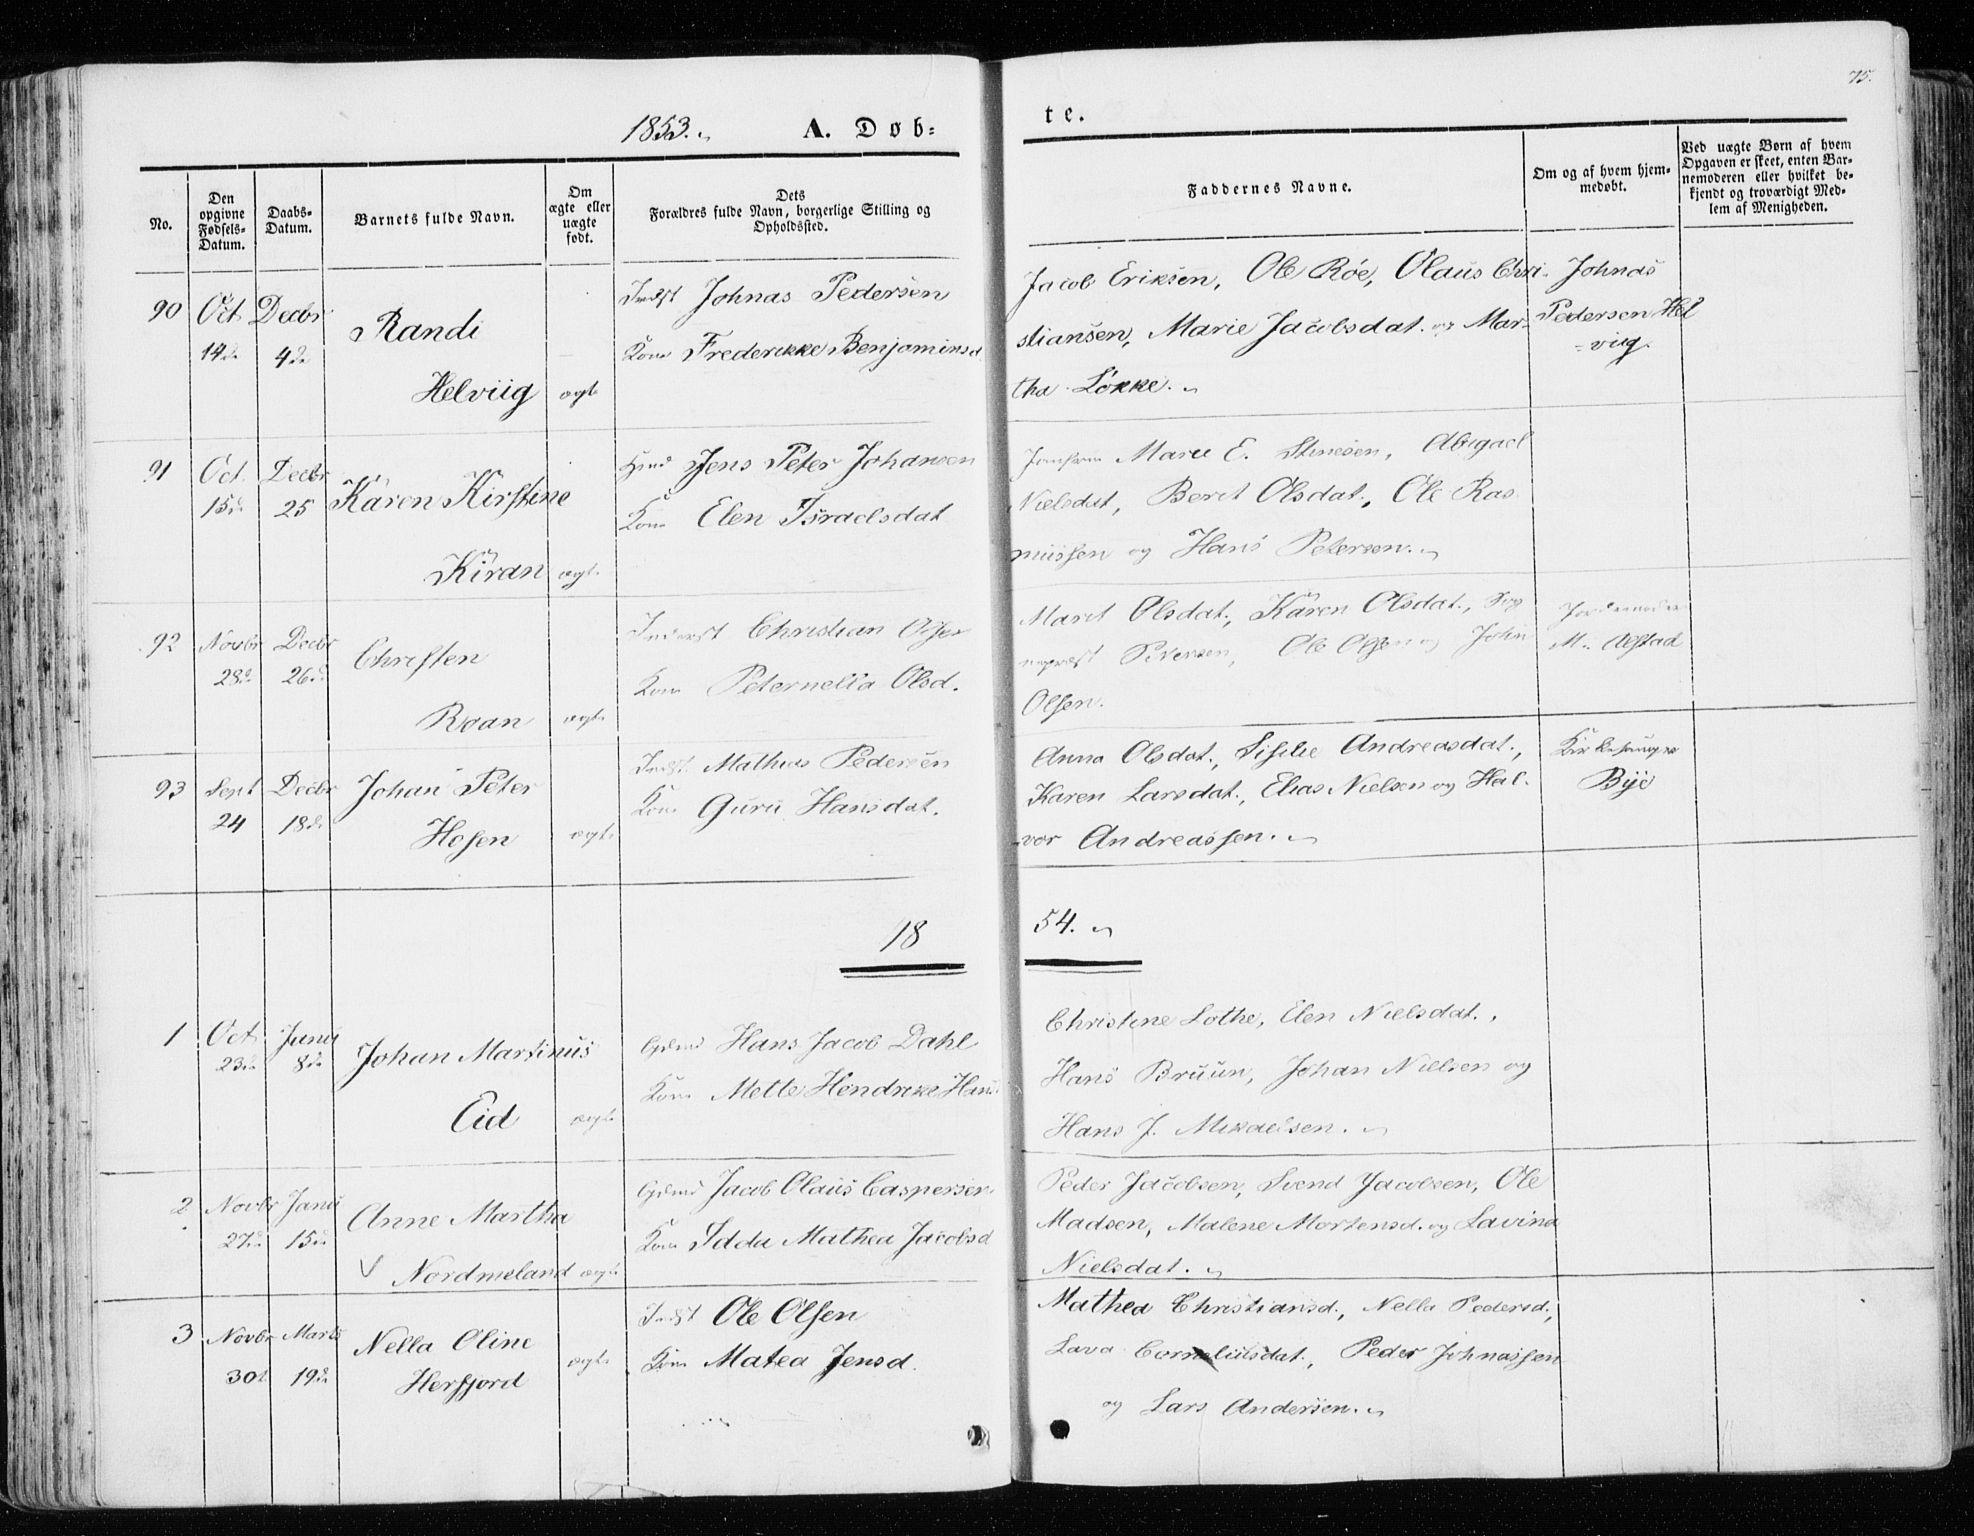 SAT, Ministerialprotokoller, klokkerbøker og fødselsregistre - Sør-Trøndelag, 657/L0704: Ministerialbok nr. 657A05, 1846-1857, s. 75